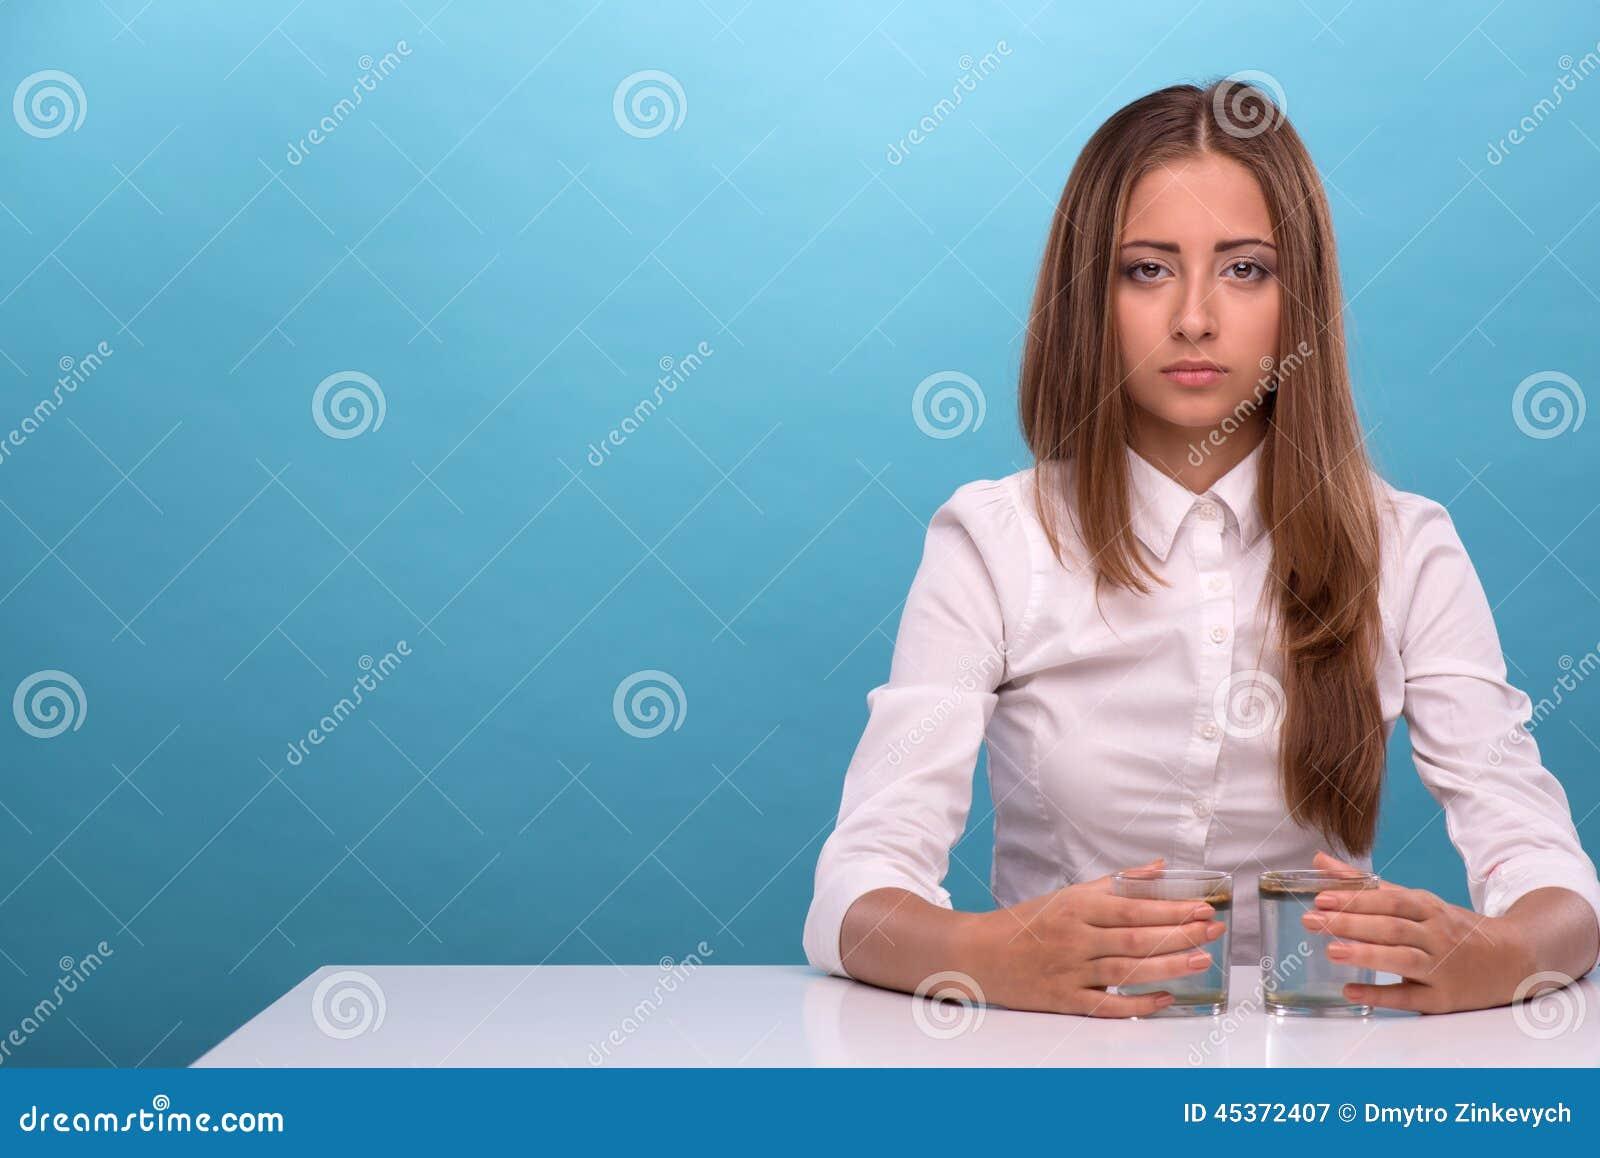 Jeune fille examinant la qualité de l eau en verres